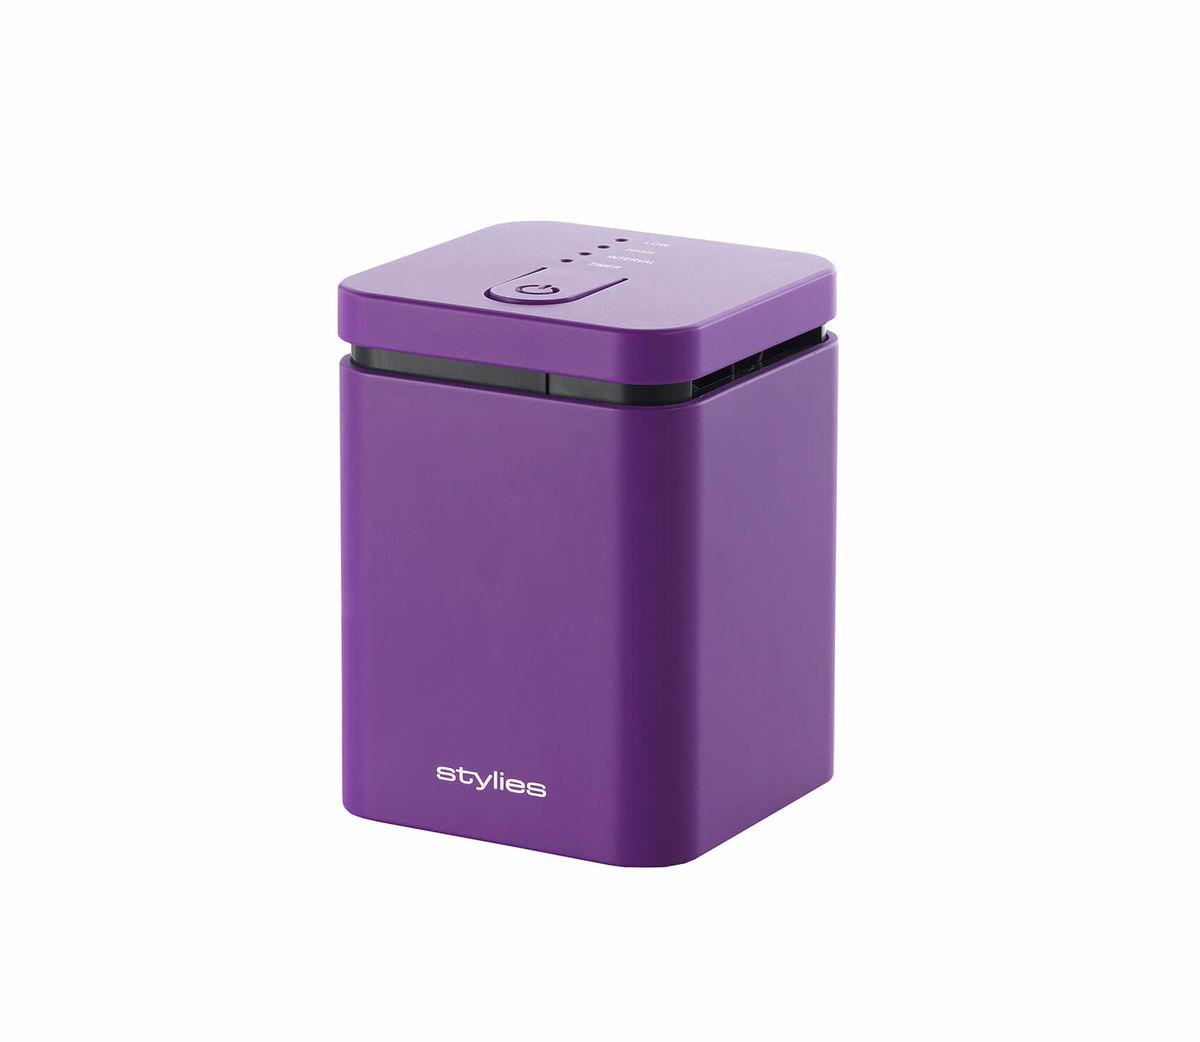 Stylies Elara Bedufter violett